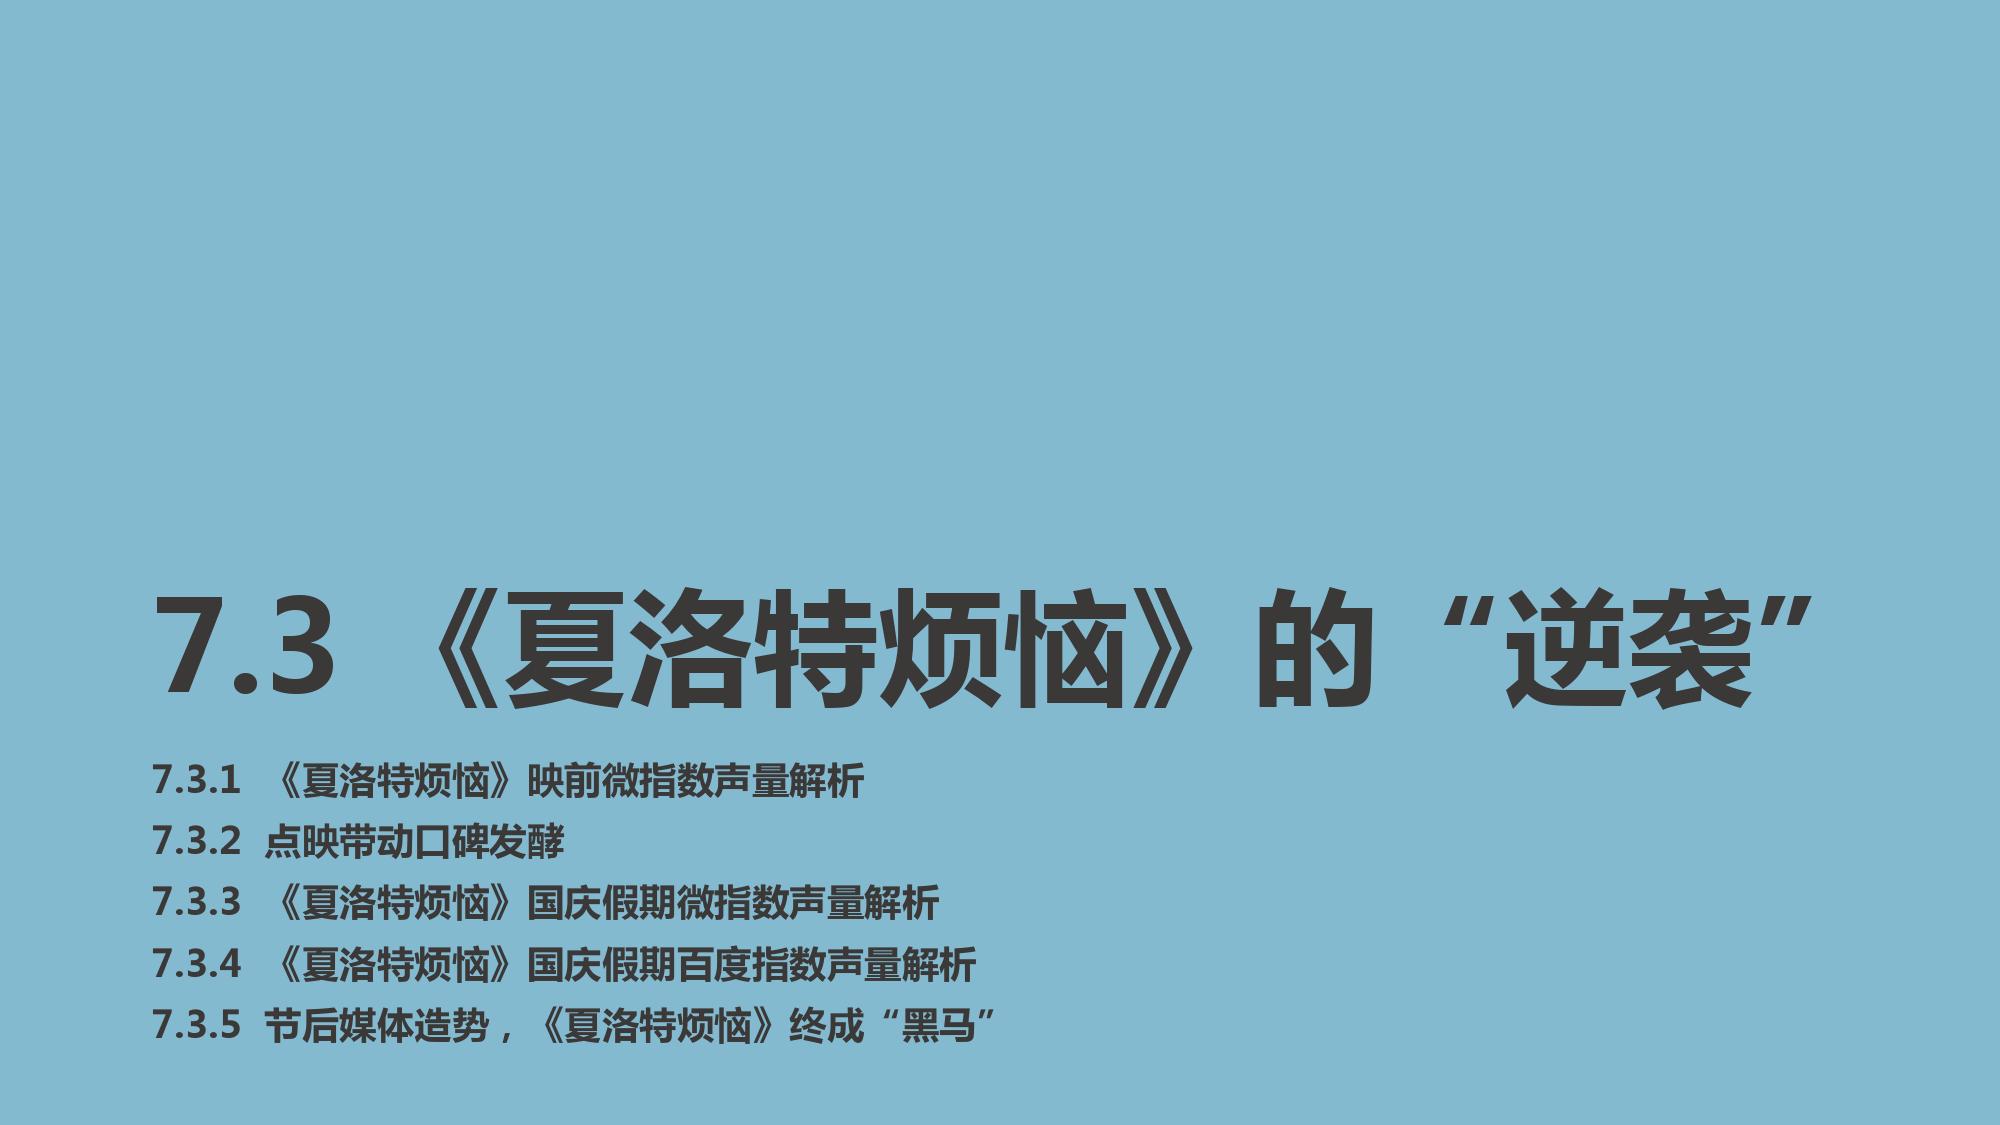 2015年度中国电影产业报告_000095